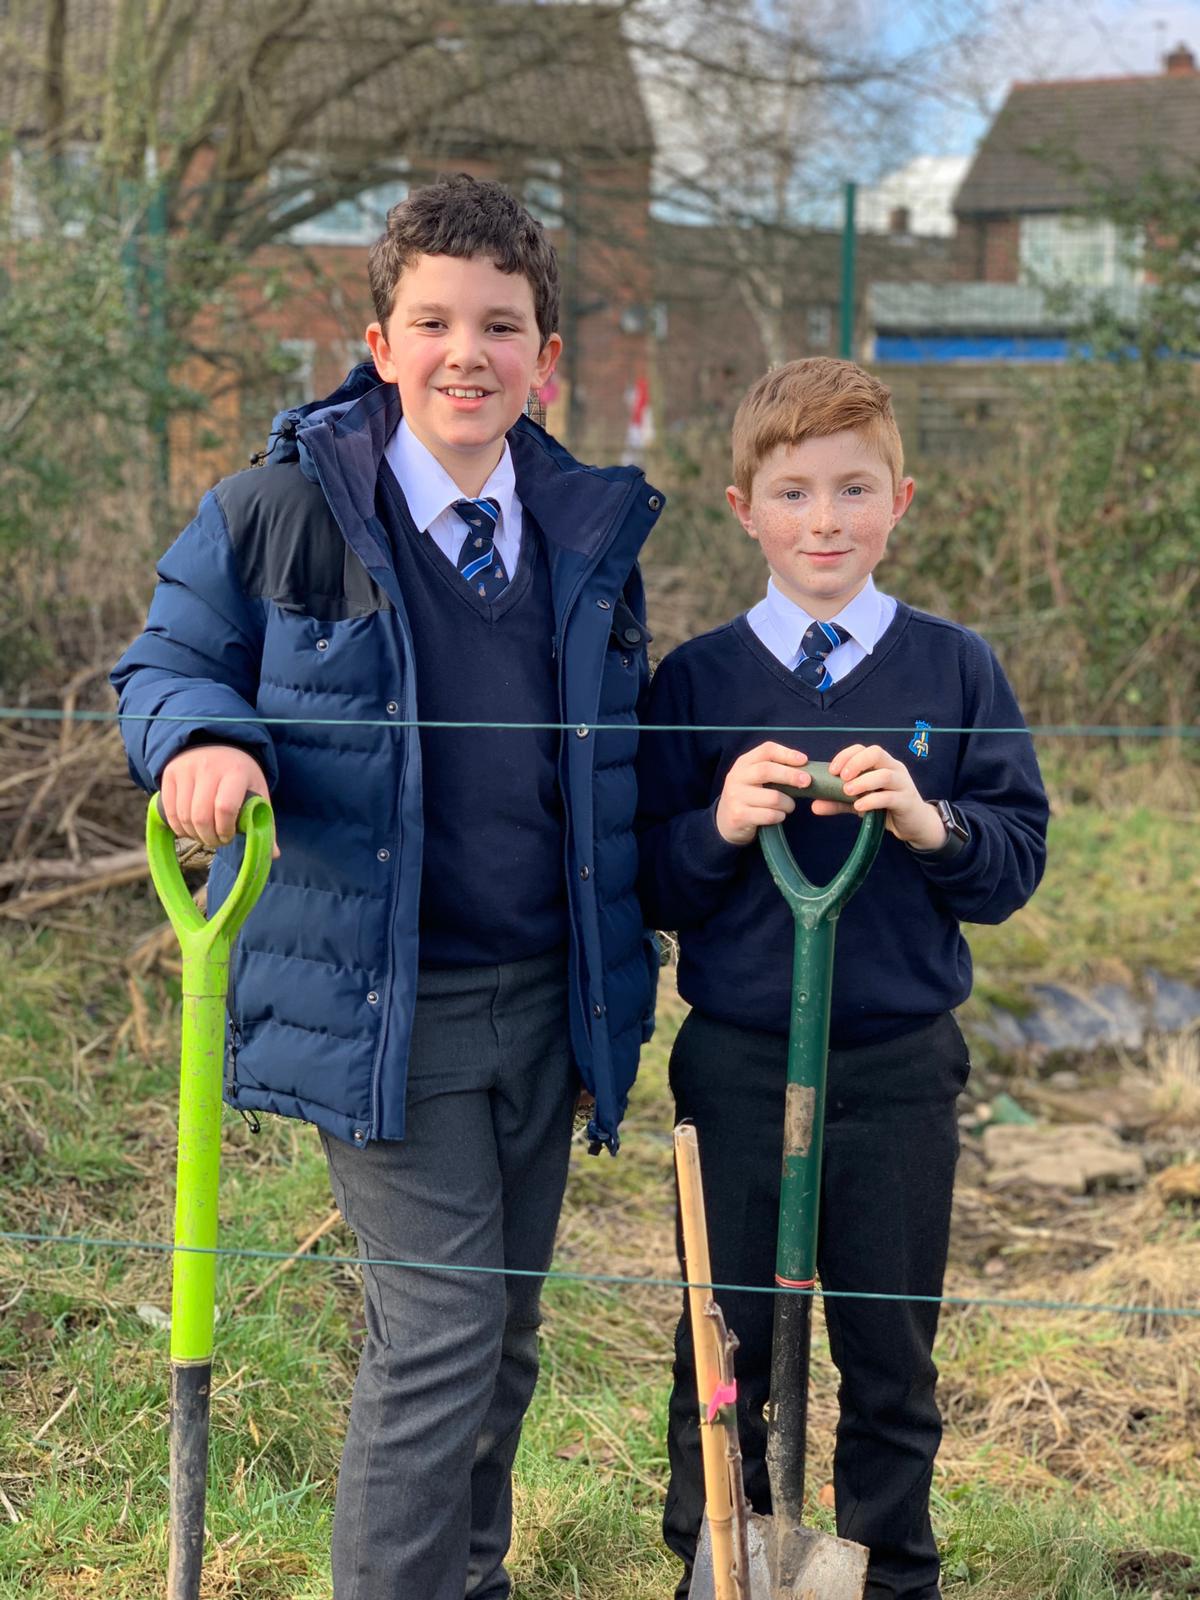 Kettlethorpe pupils planting fruit trees - February 2021